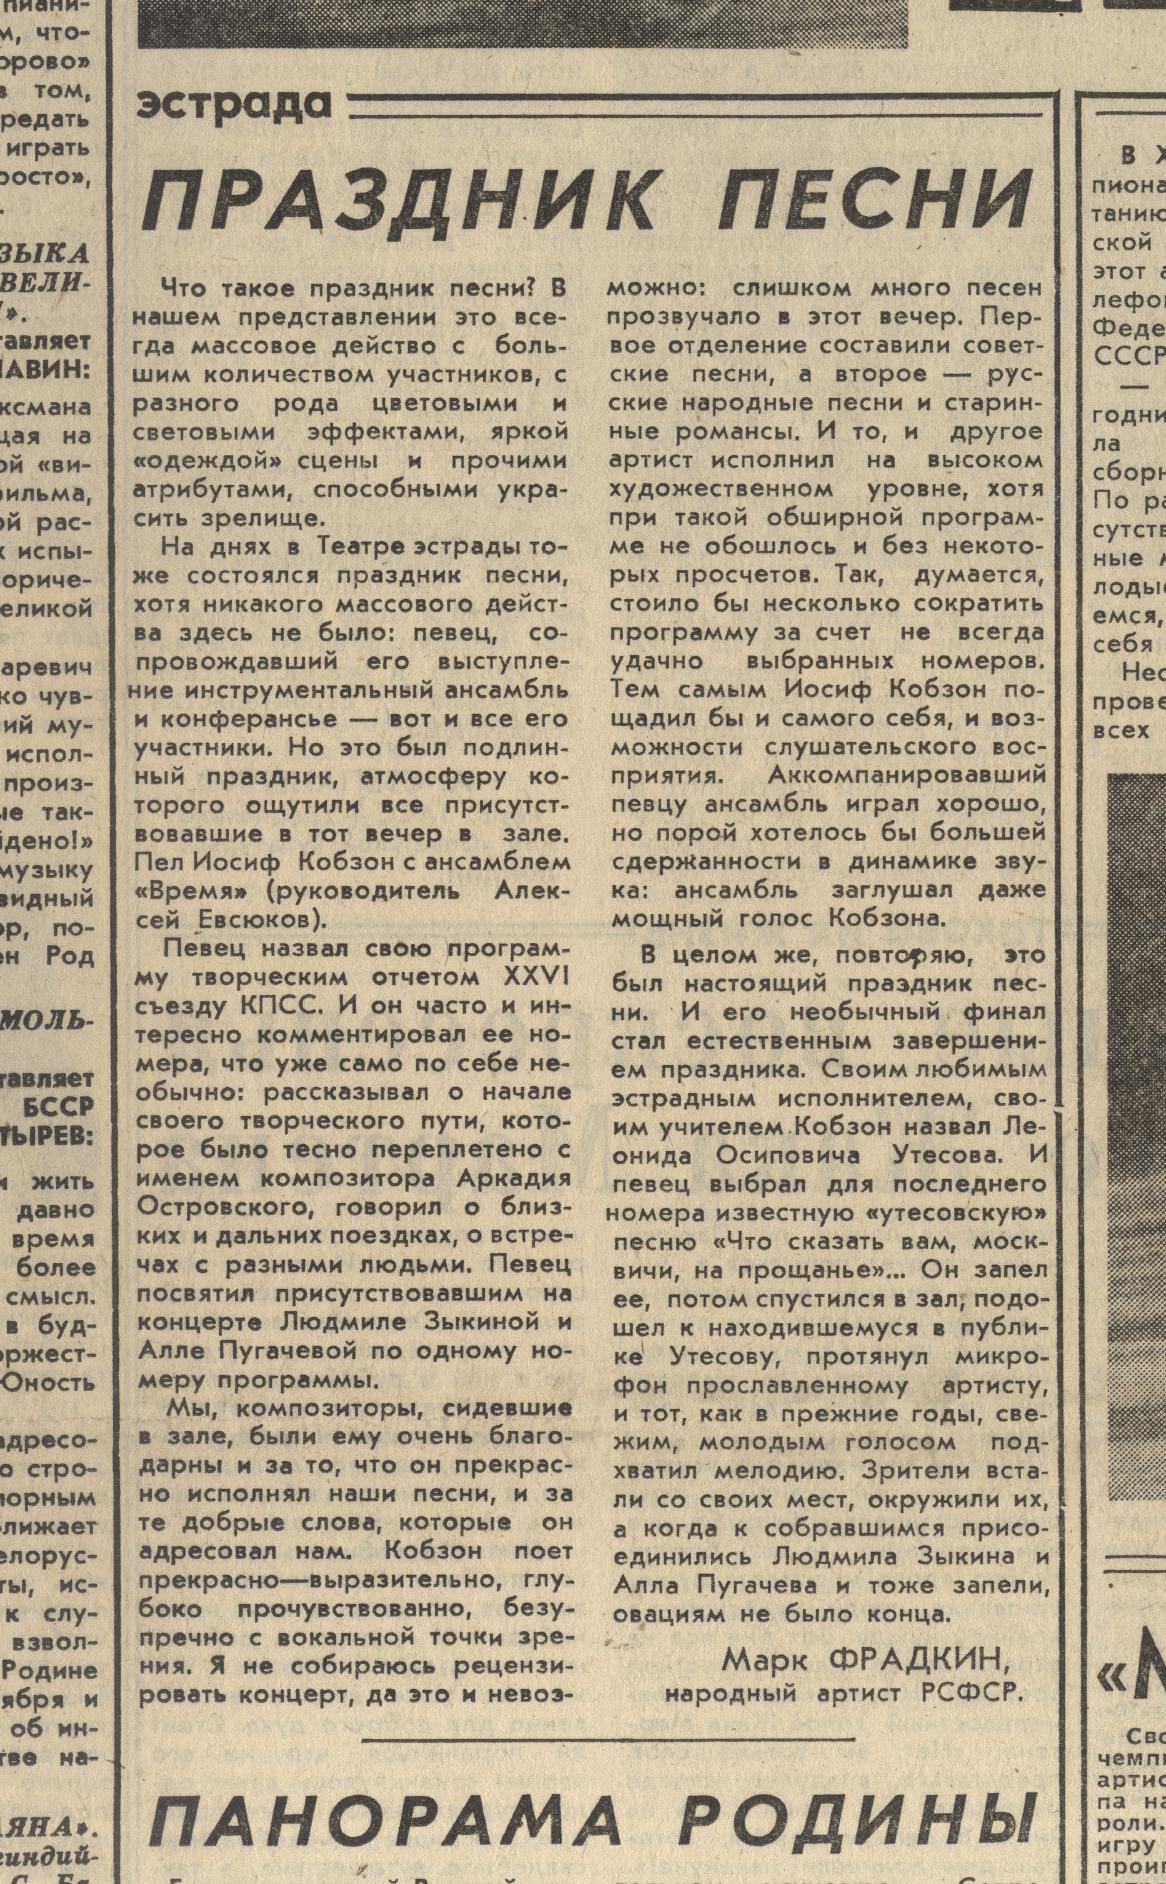 http://forumupload.ru/uploads/000c/4a/cb/1532/130329.jpg